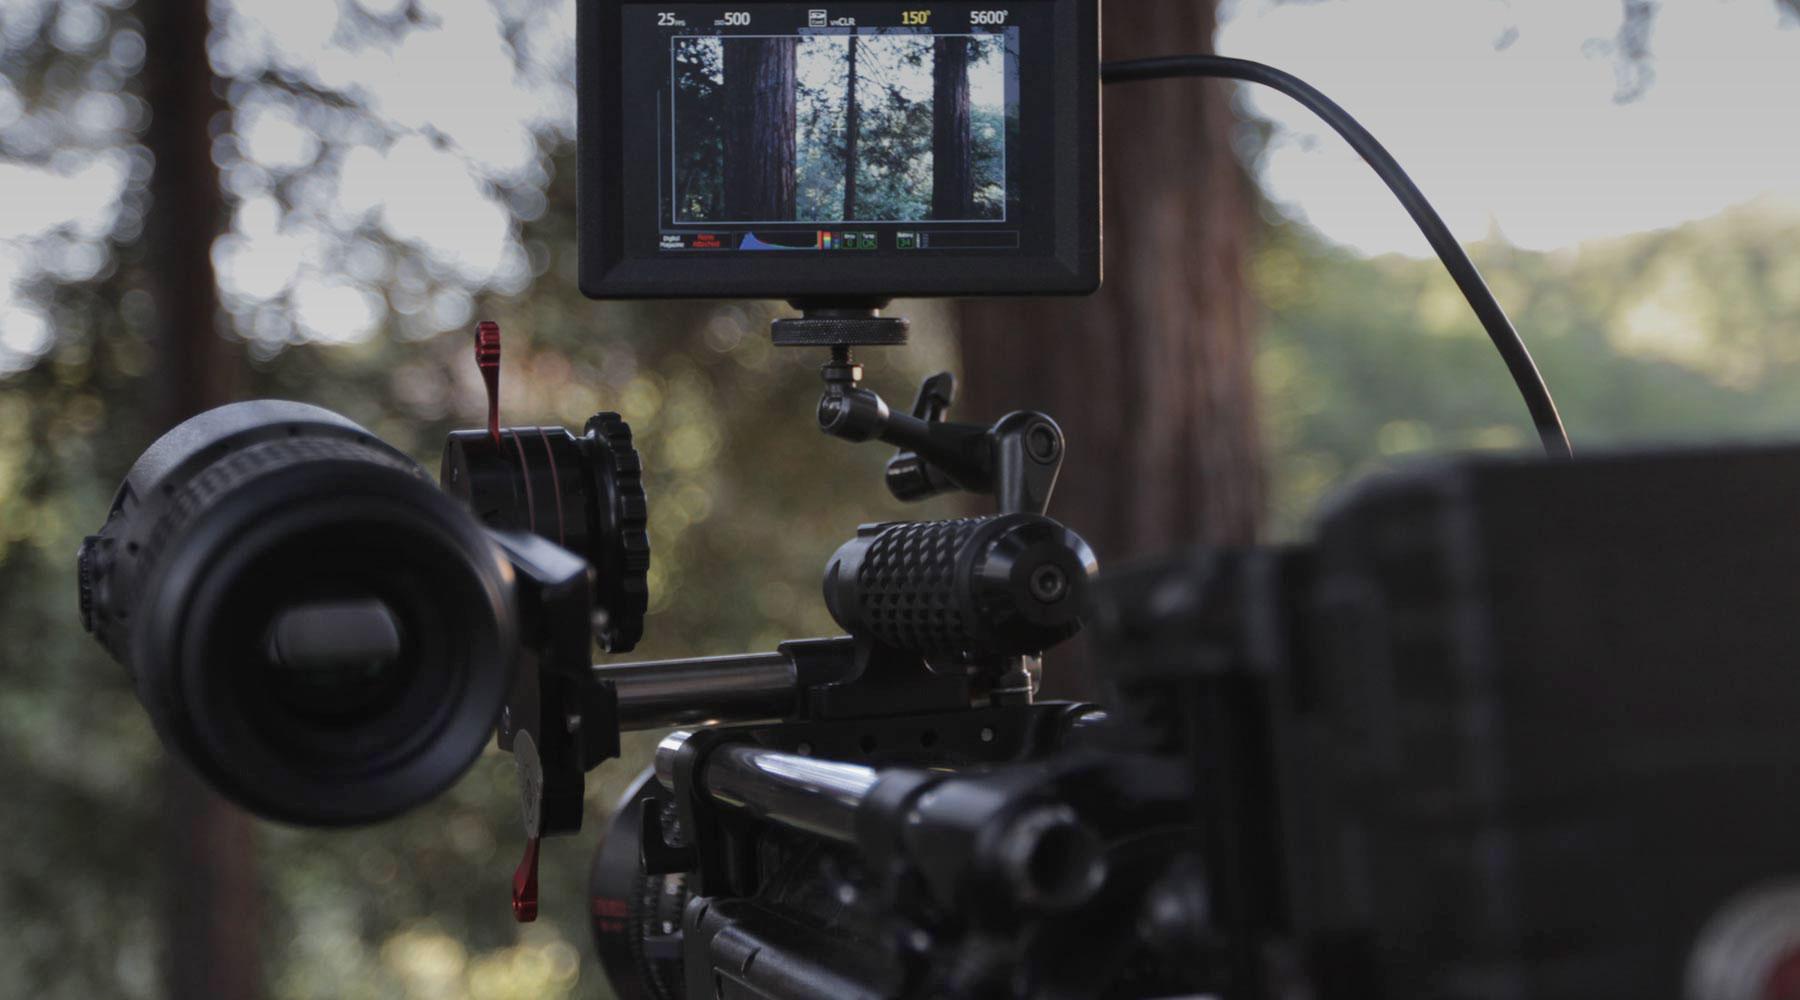 Servizi di video produzione e realizzazione filmati a Roma